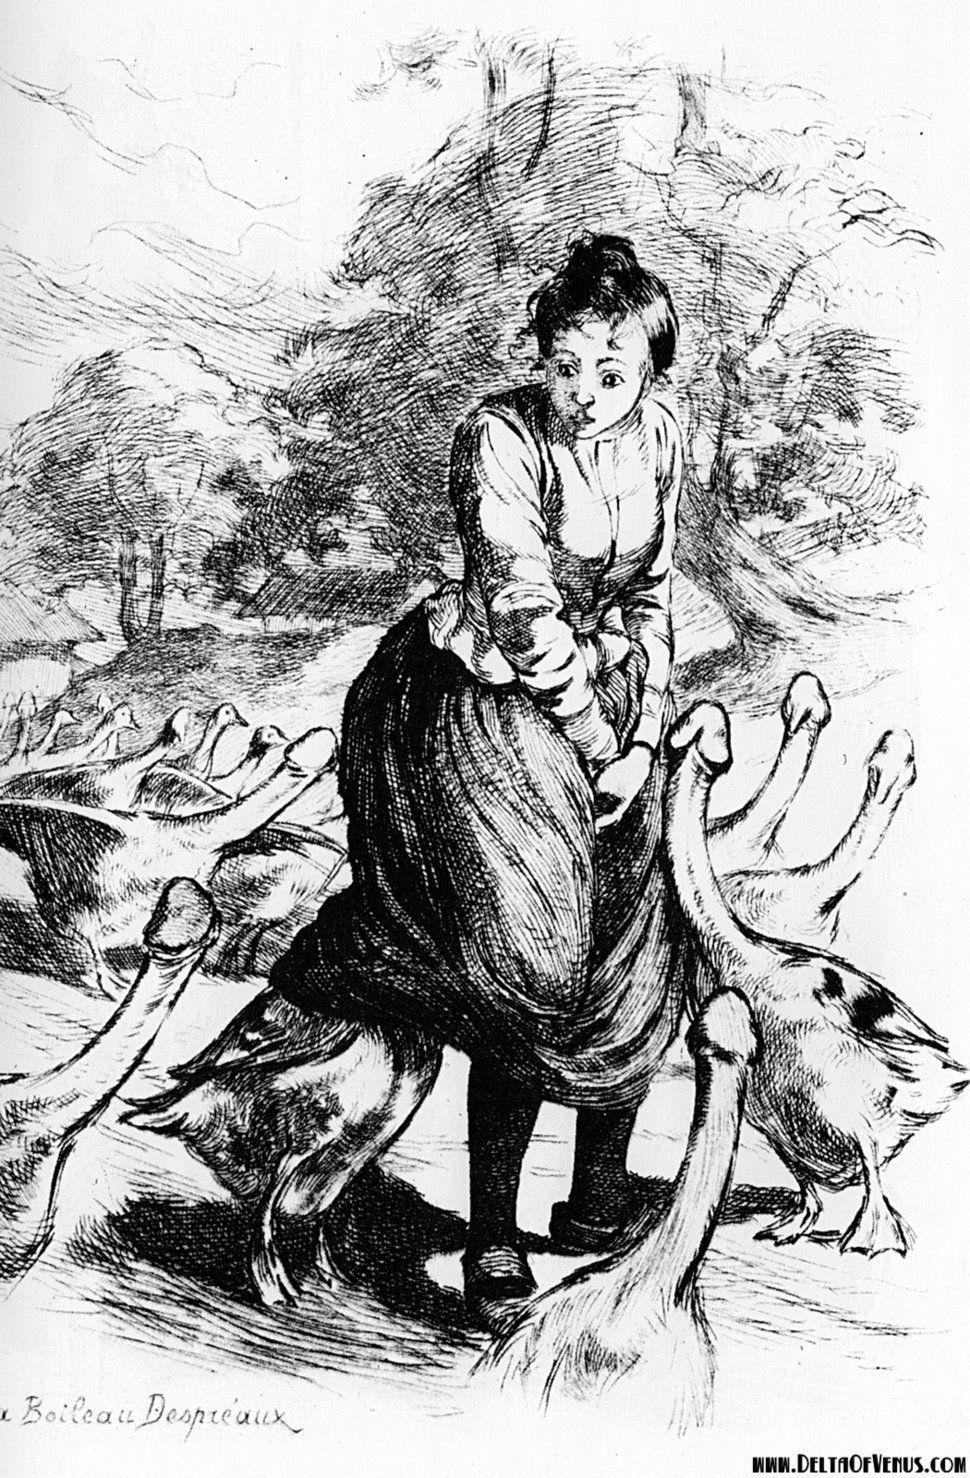 Plongez dans les fantasmes tordus de Un siècle Obscure 19th-4957